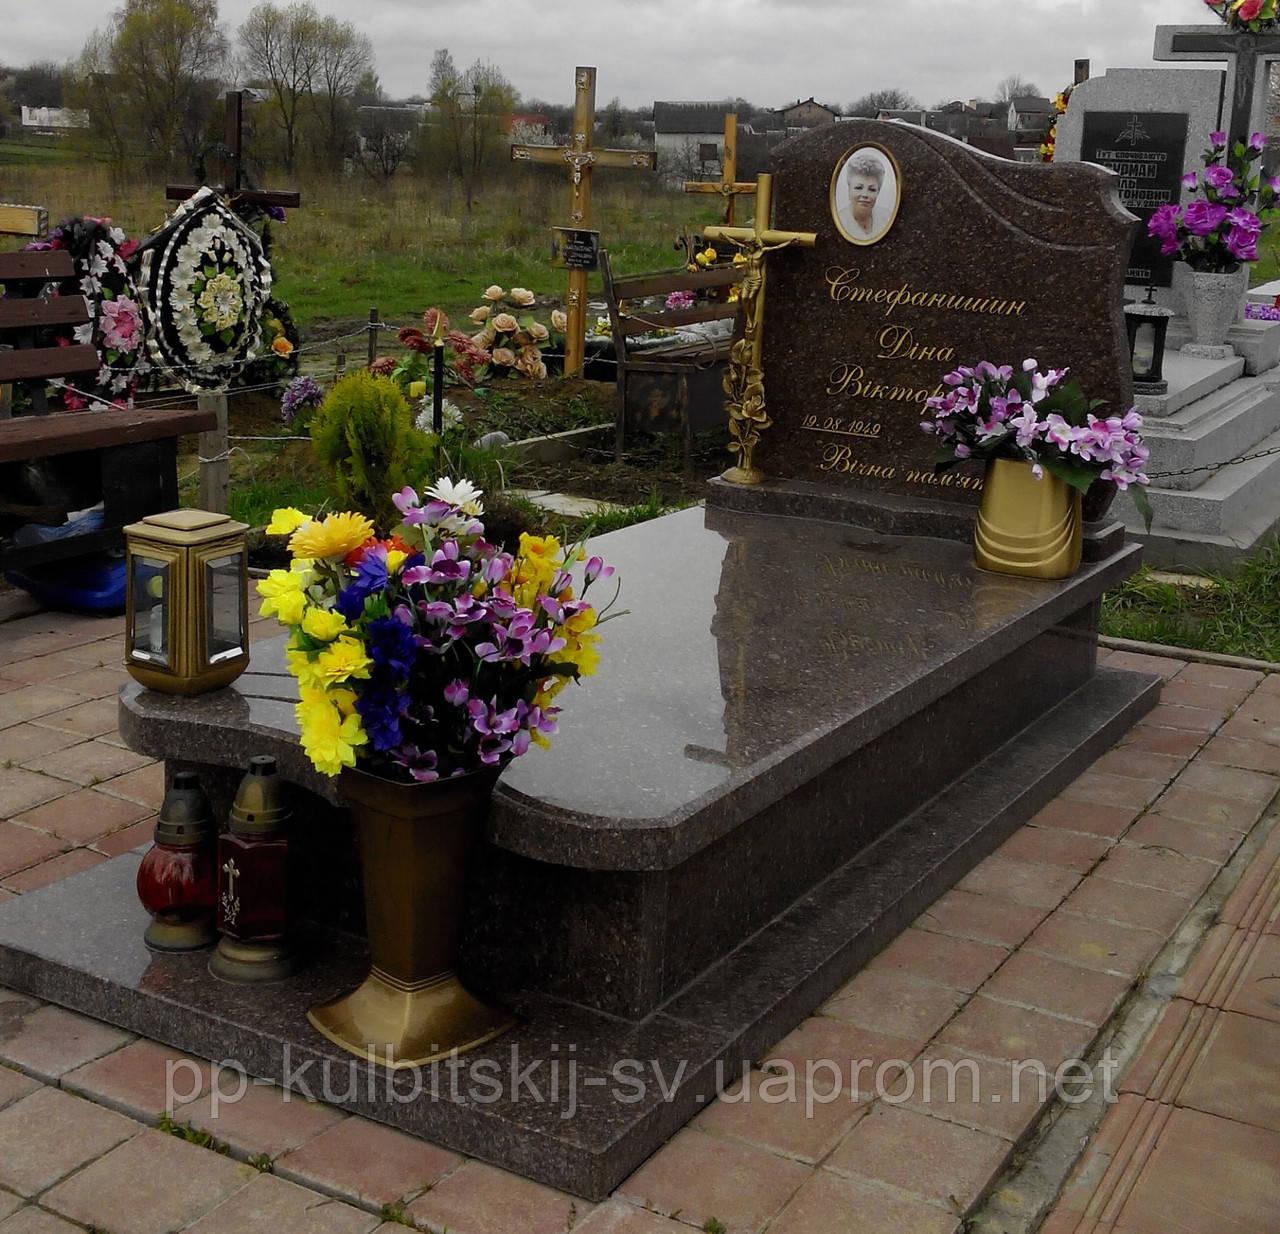 Одинарний пам'ятник з Бронзовими буквами 9019010